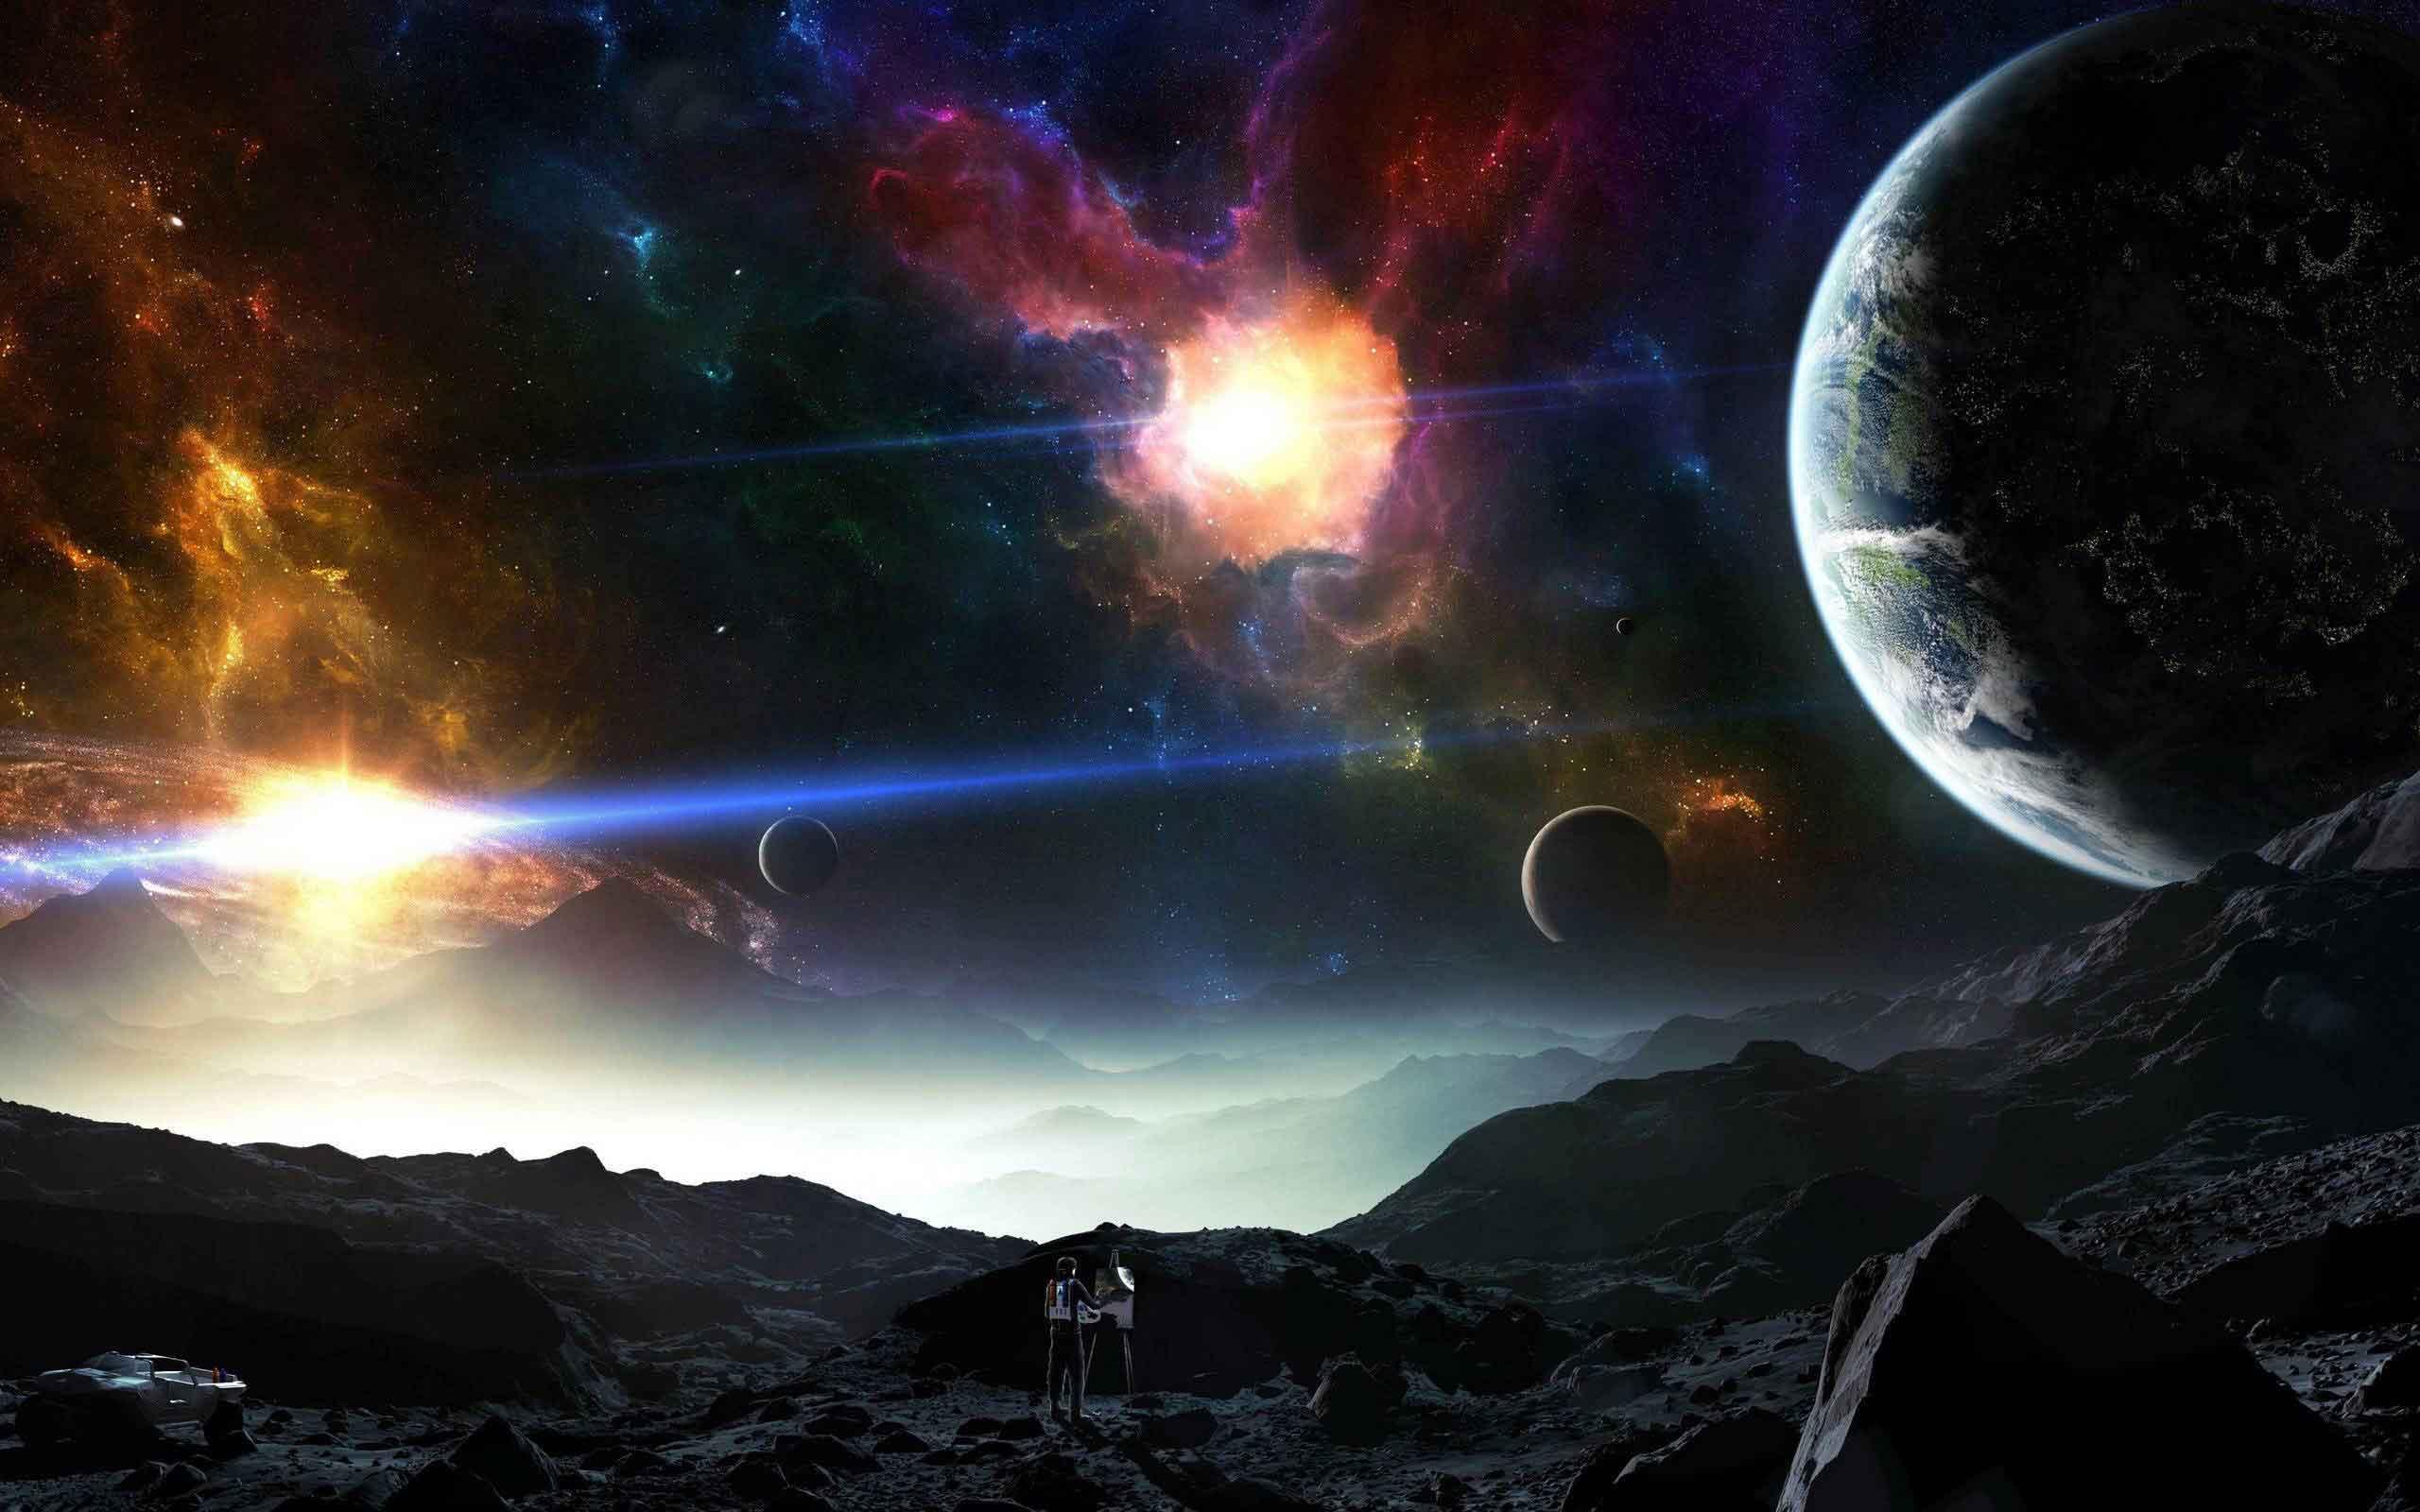 Rüyada 9 gezegeni görmek 2